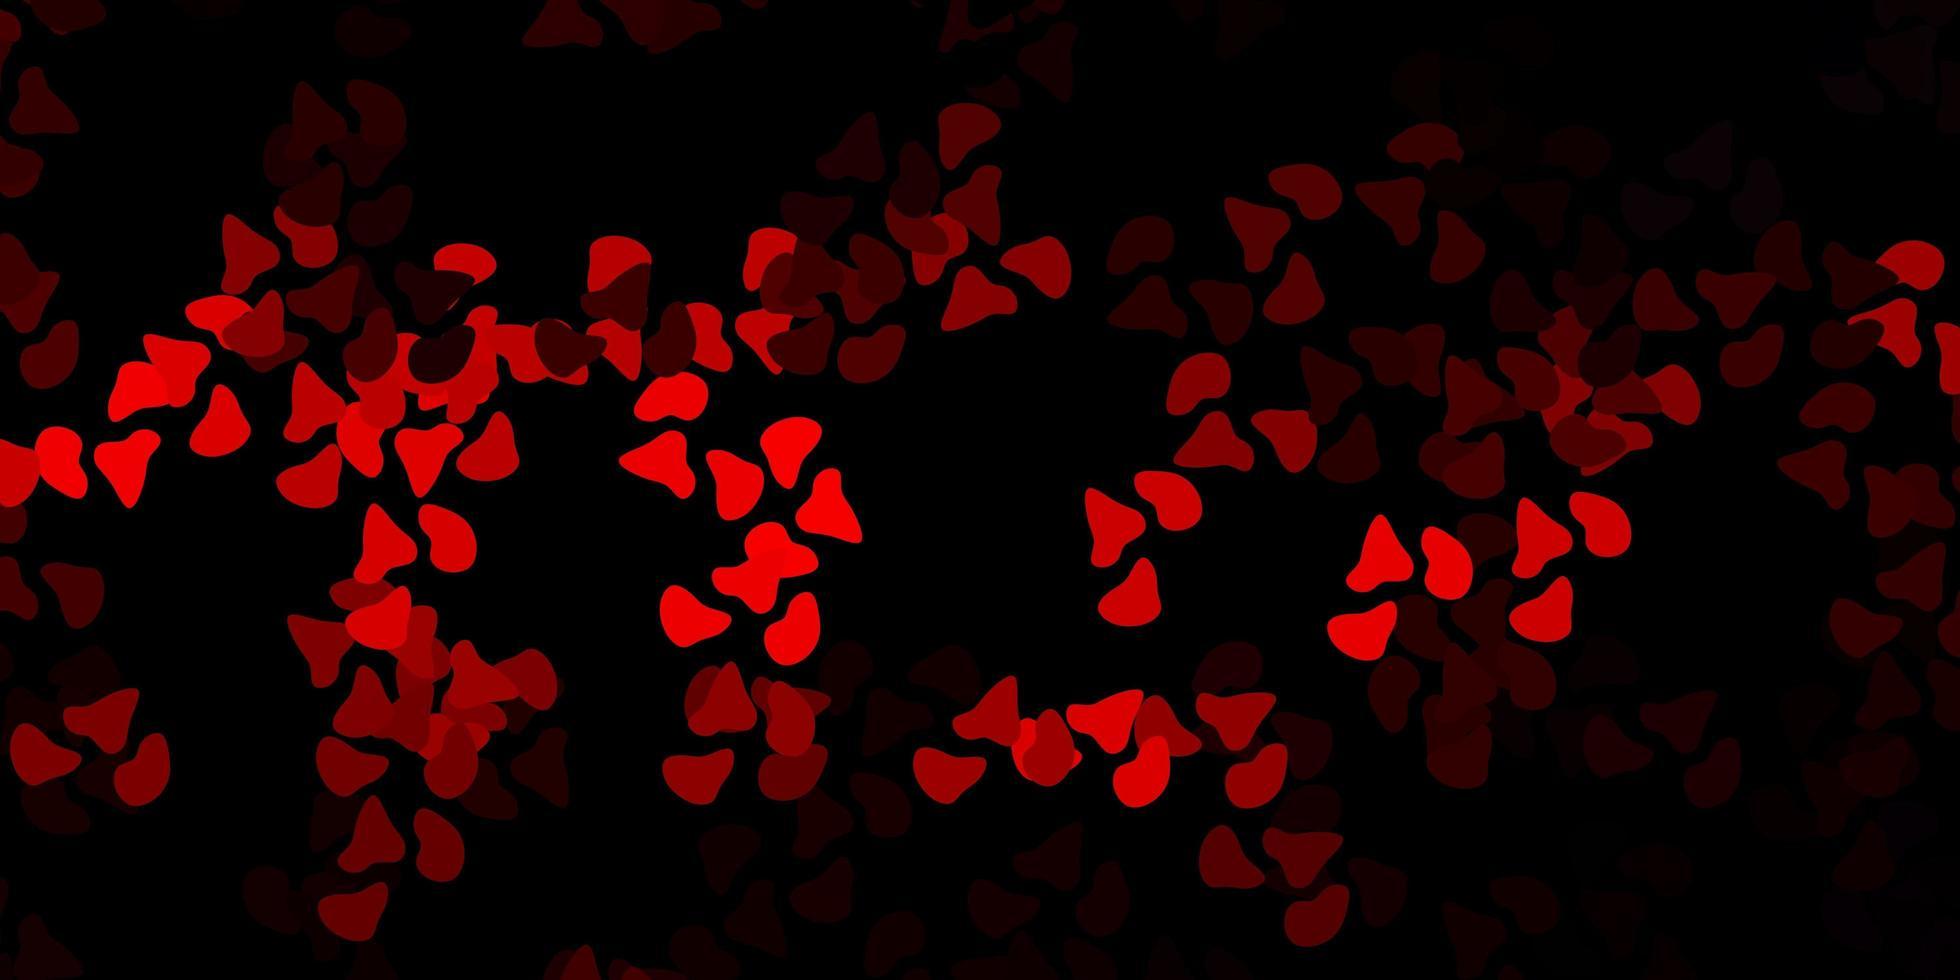 sfondo rosso scuro con forme caotiche. vettore